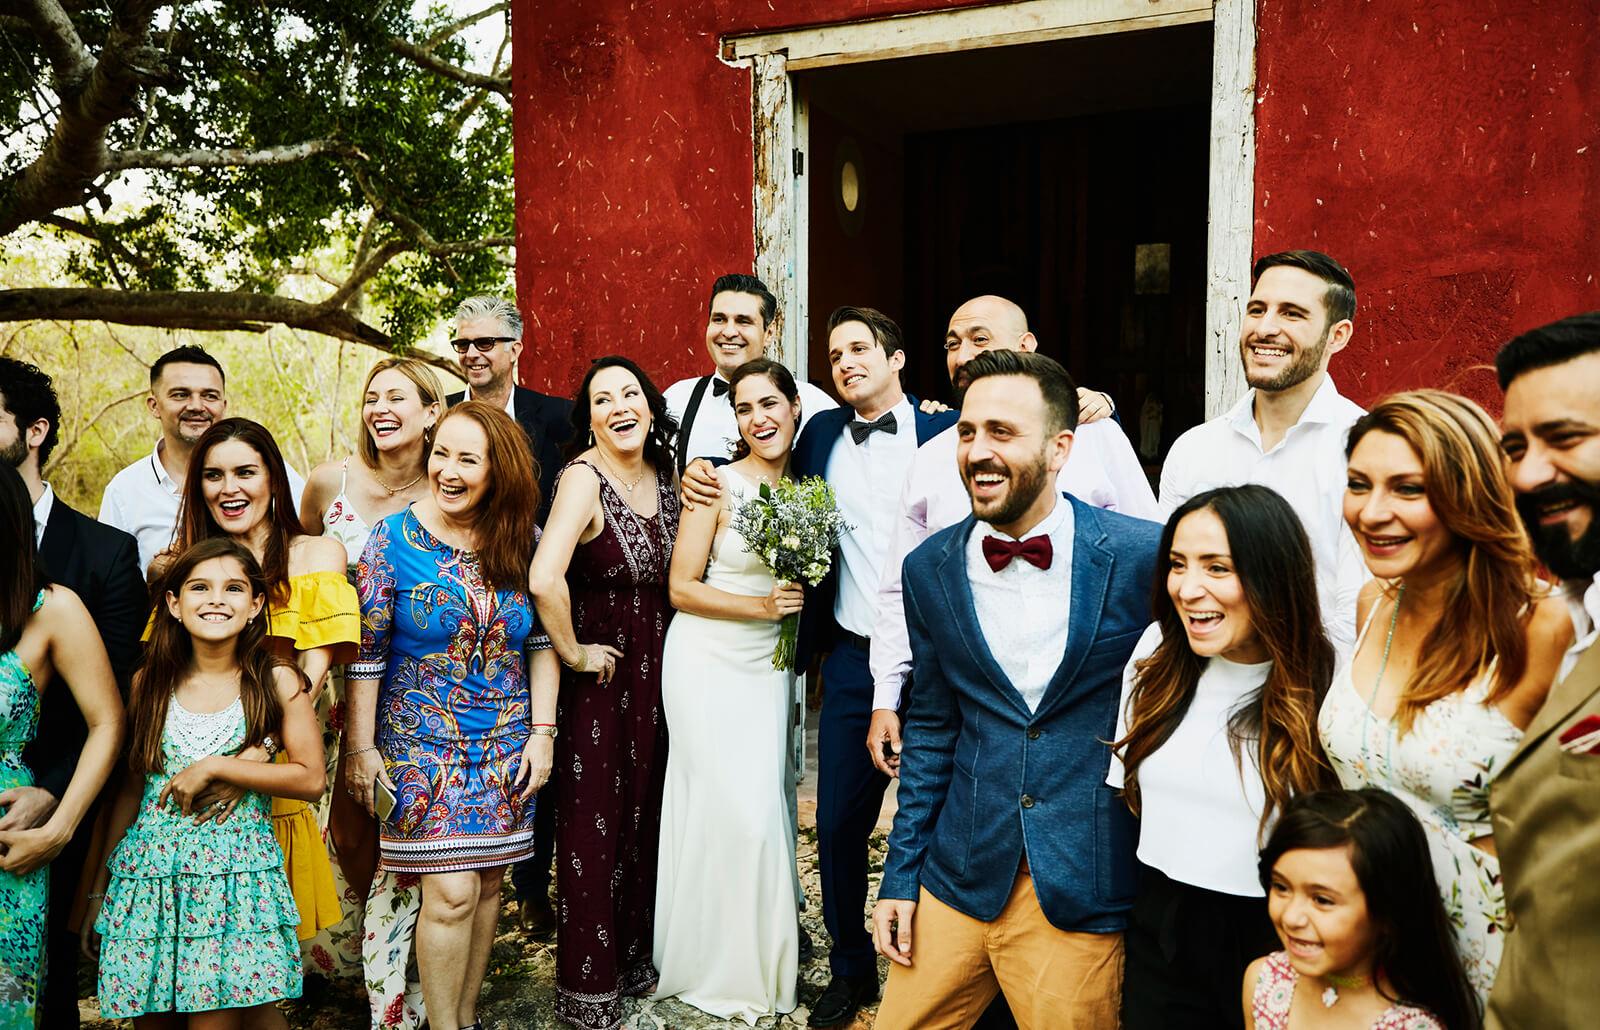 foto-grupal-boda.jpg